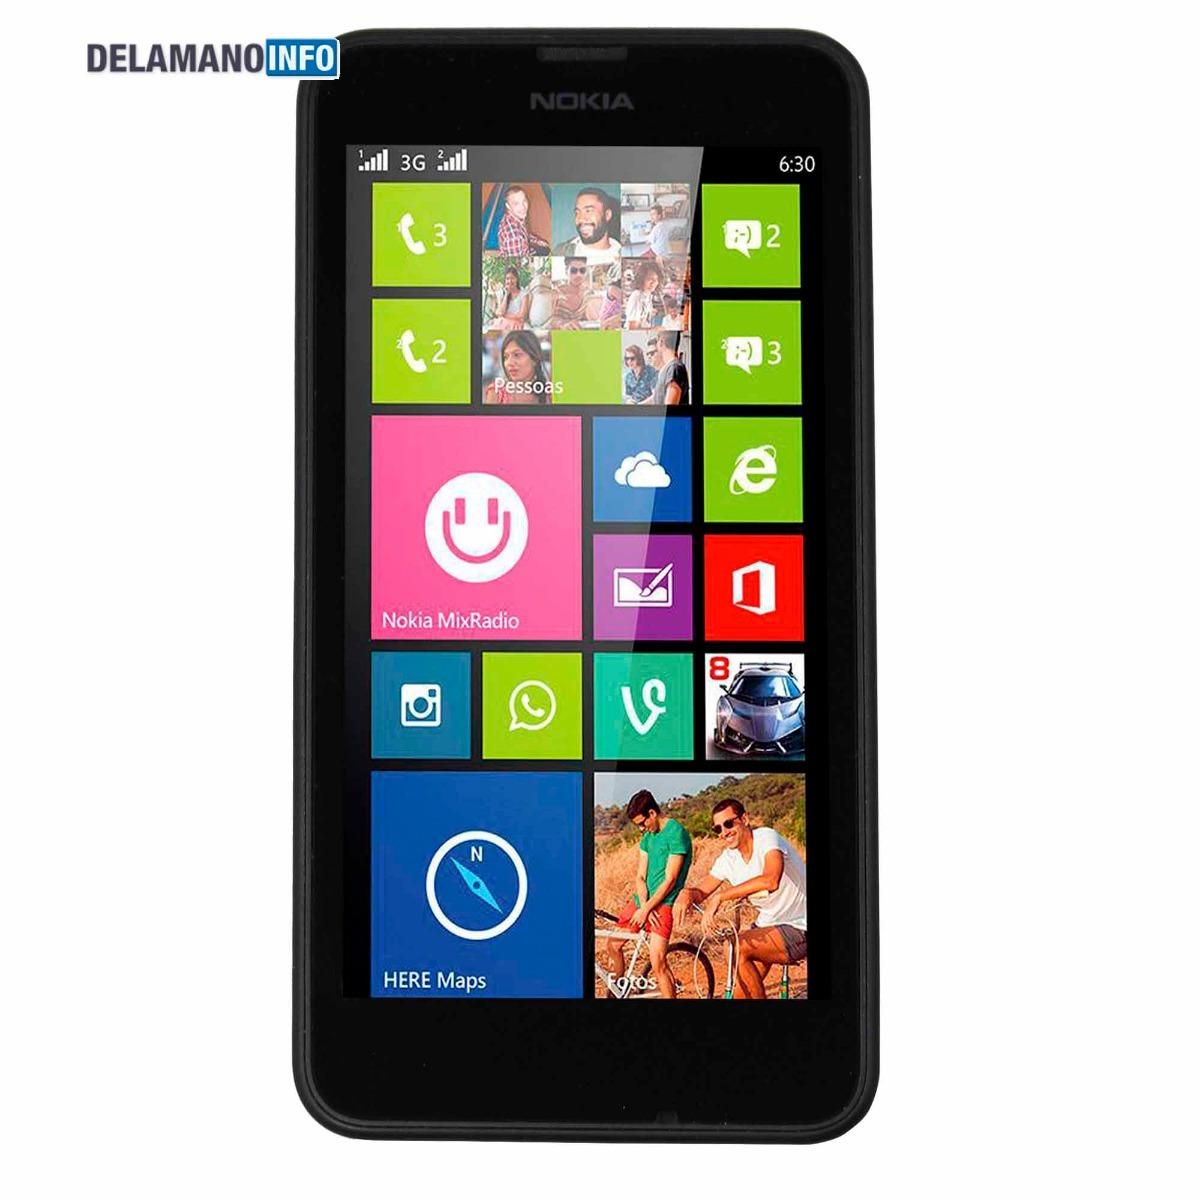 bb110870615 Celular Nokia Lumia 630 Preto 4.5 Seminovo (11748) - R$ 247,90 em ...